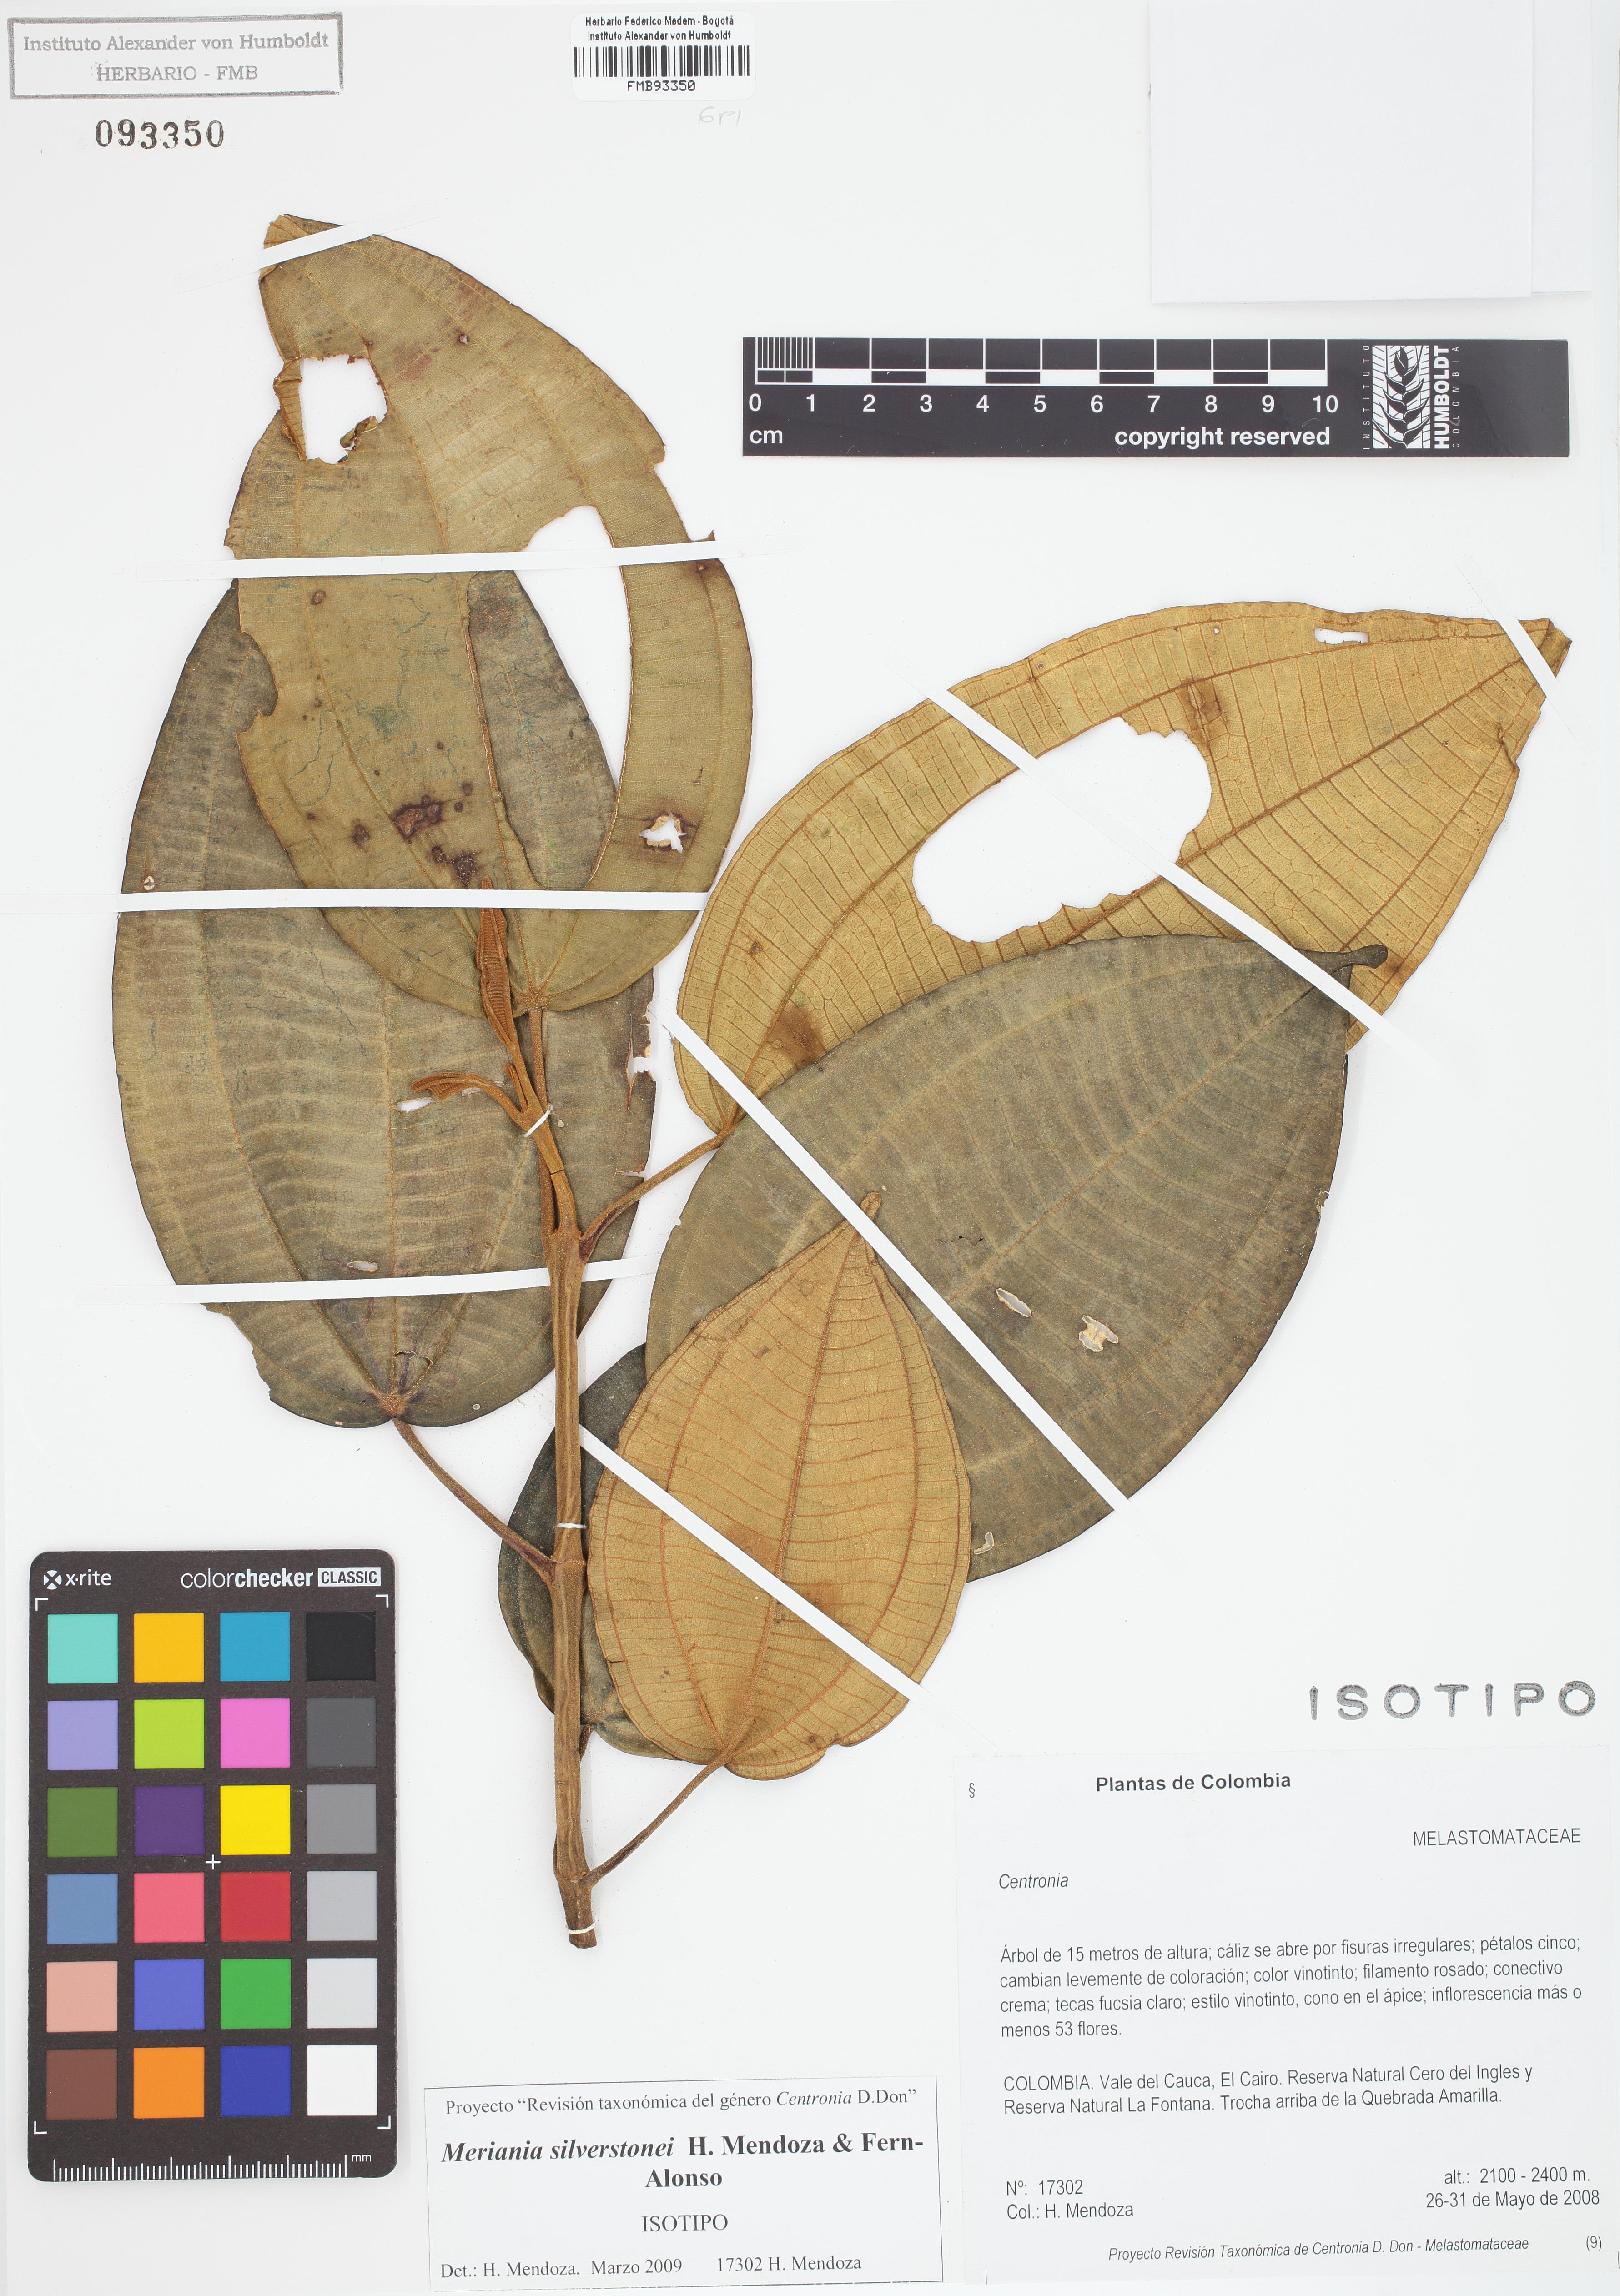 Isotipo de <em>Meriania silverstonei</em>, FMB-93350, Fotografía por Robles A.